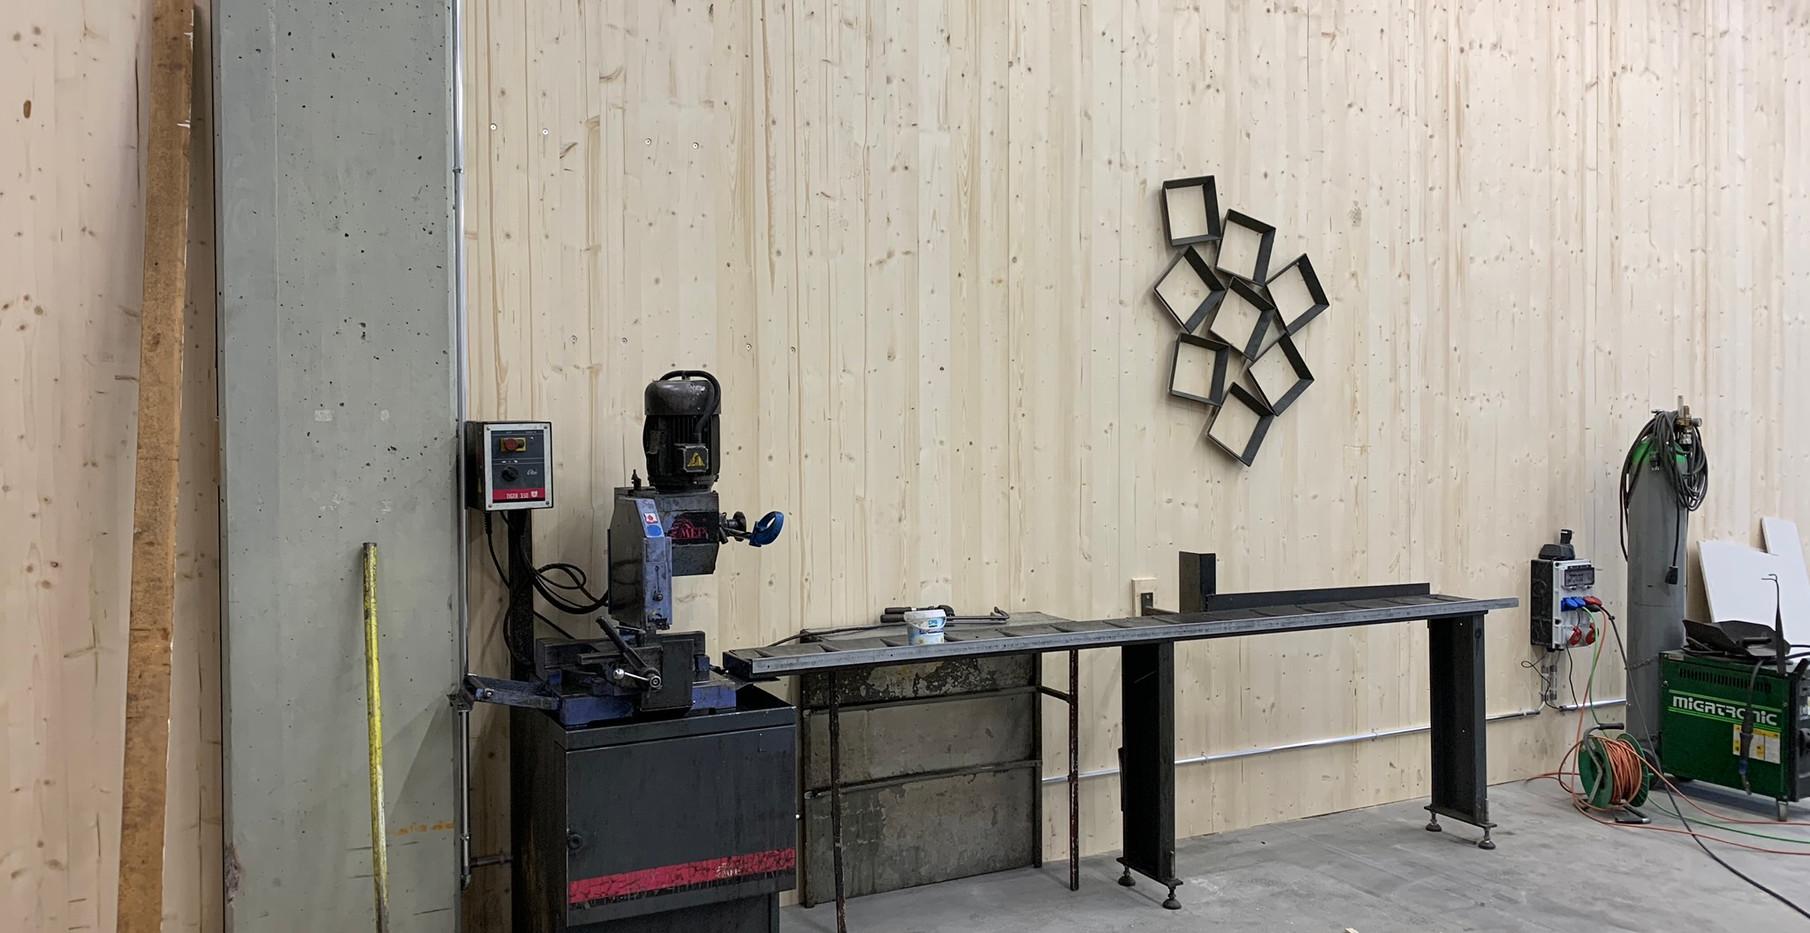 Neuer Standort Metallsäge